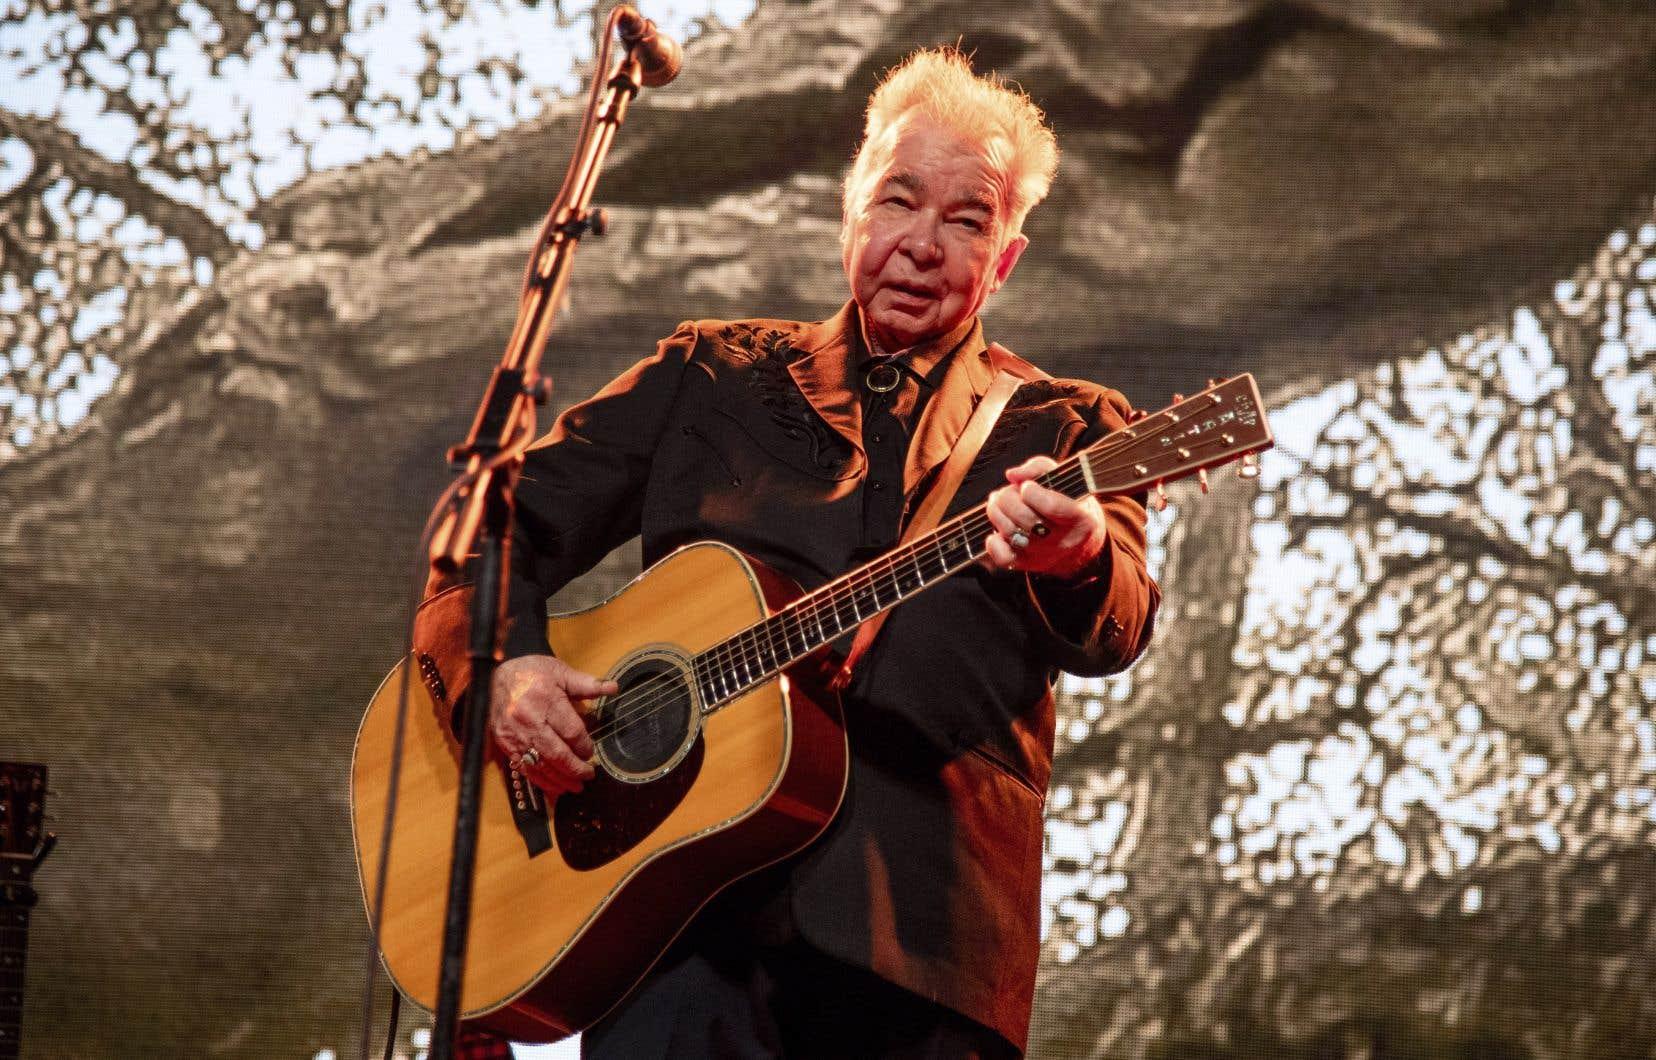 Gagnant d'un Grammy saluant l'ensemble de sa carrière plus tôt cette année, John Prine était considéré par plusieurs de ses pairs comme un virtuose.